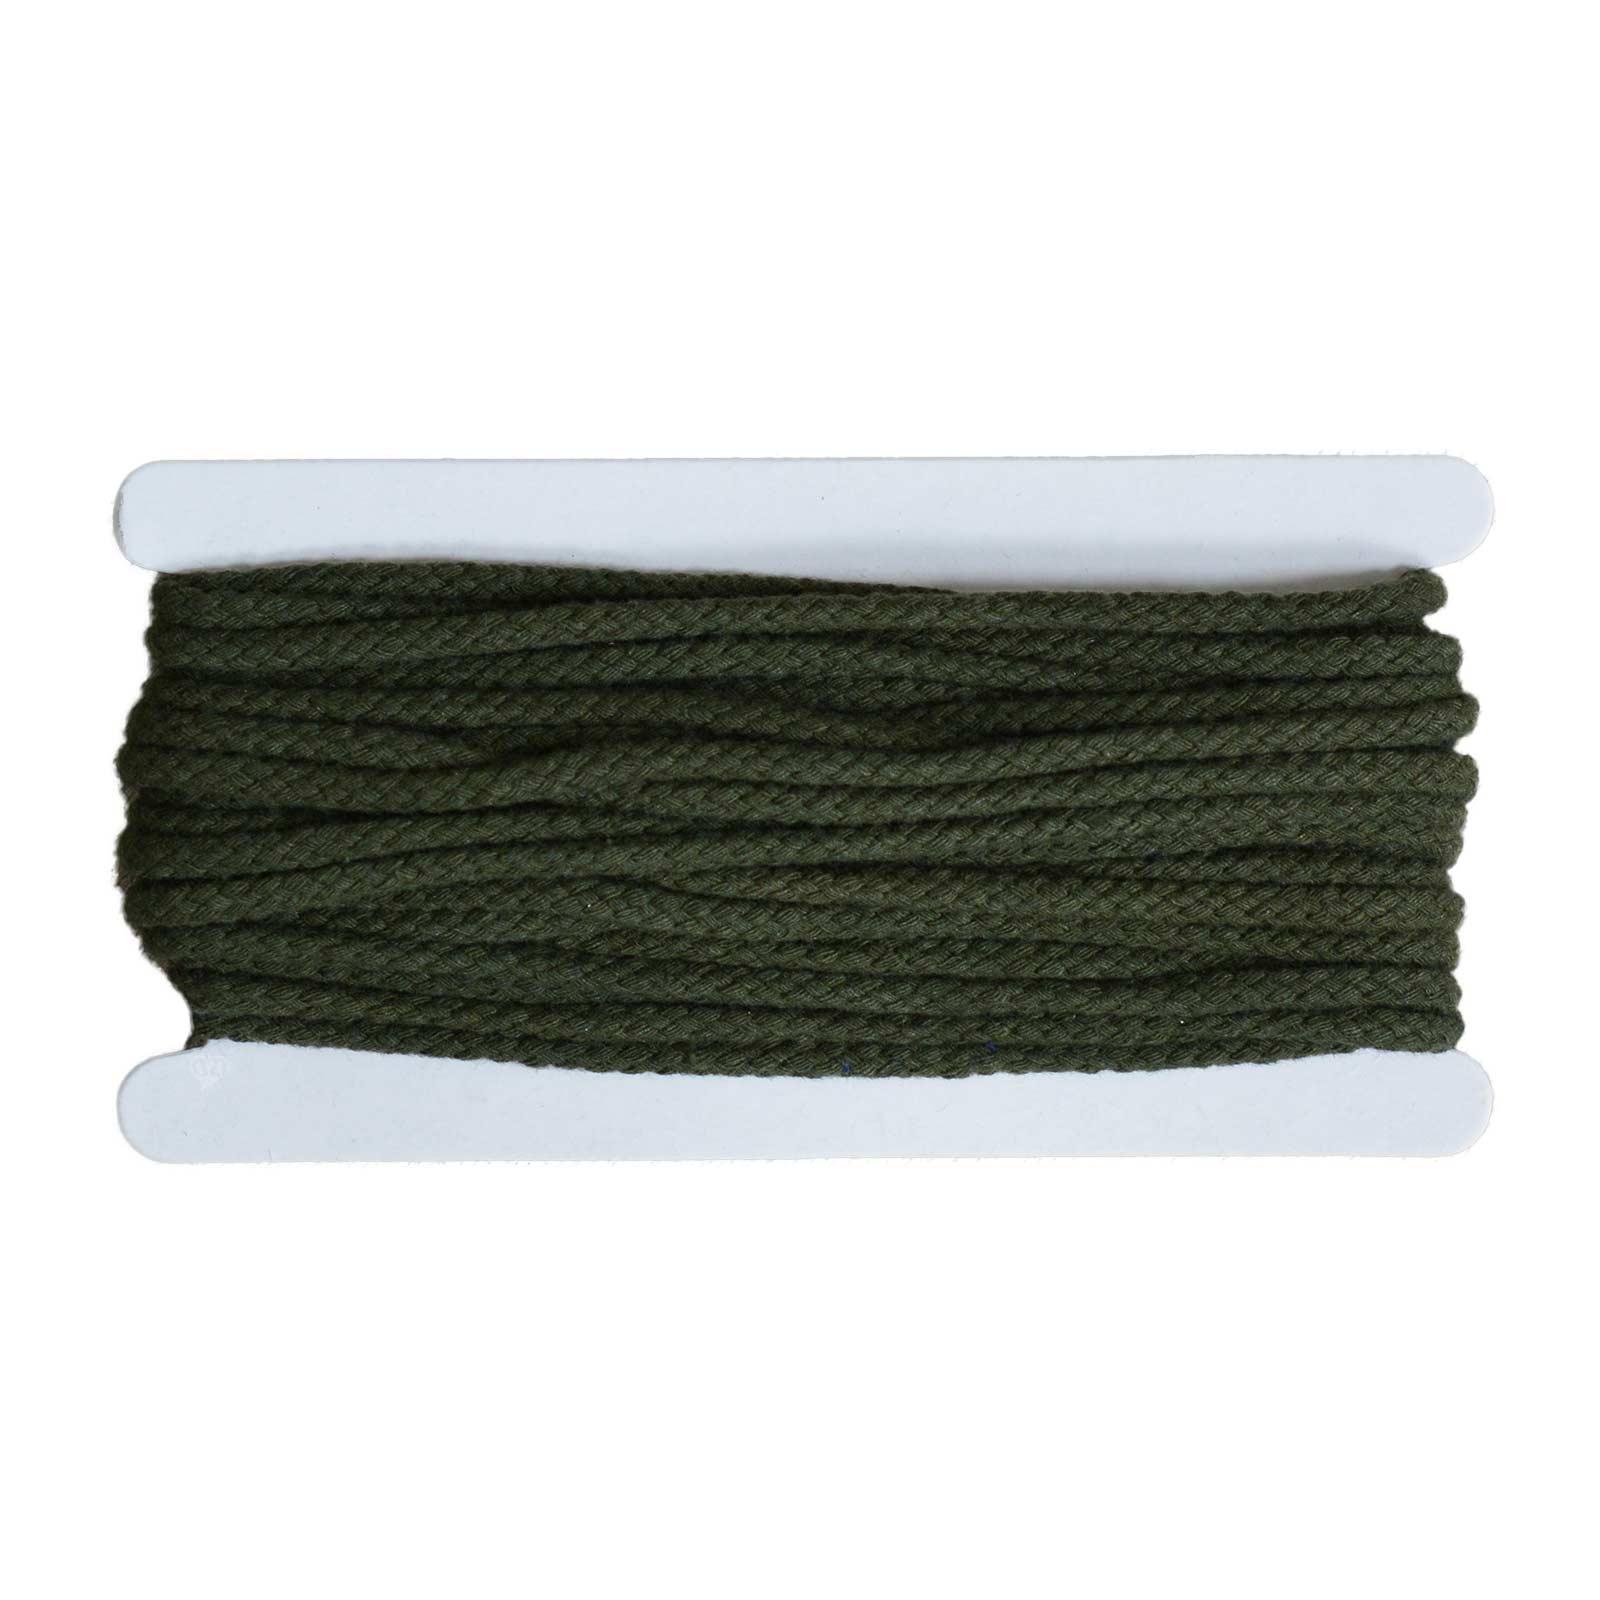 10m Kordel 5-7mm geflochten, Farbwahl - Jacken, Trainingsanzüge, Sweatshirt Deko – Bild 9